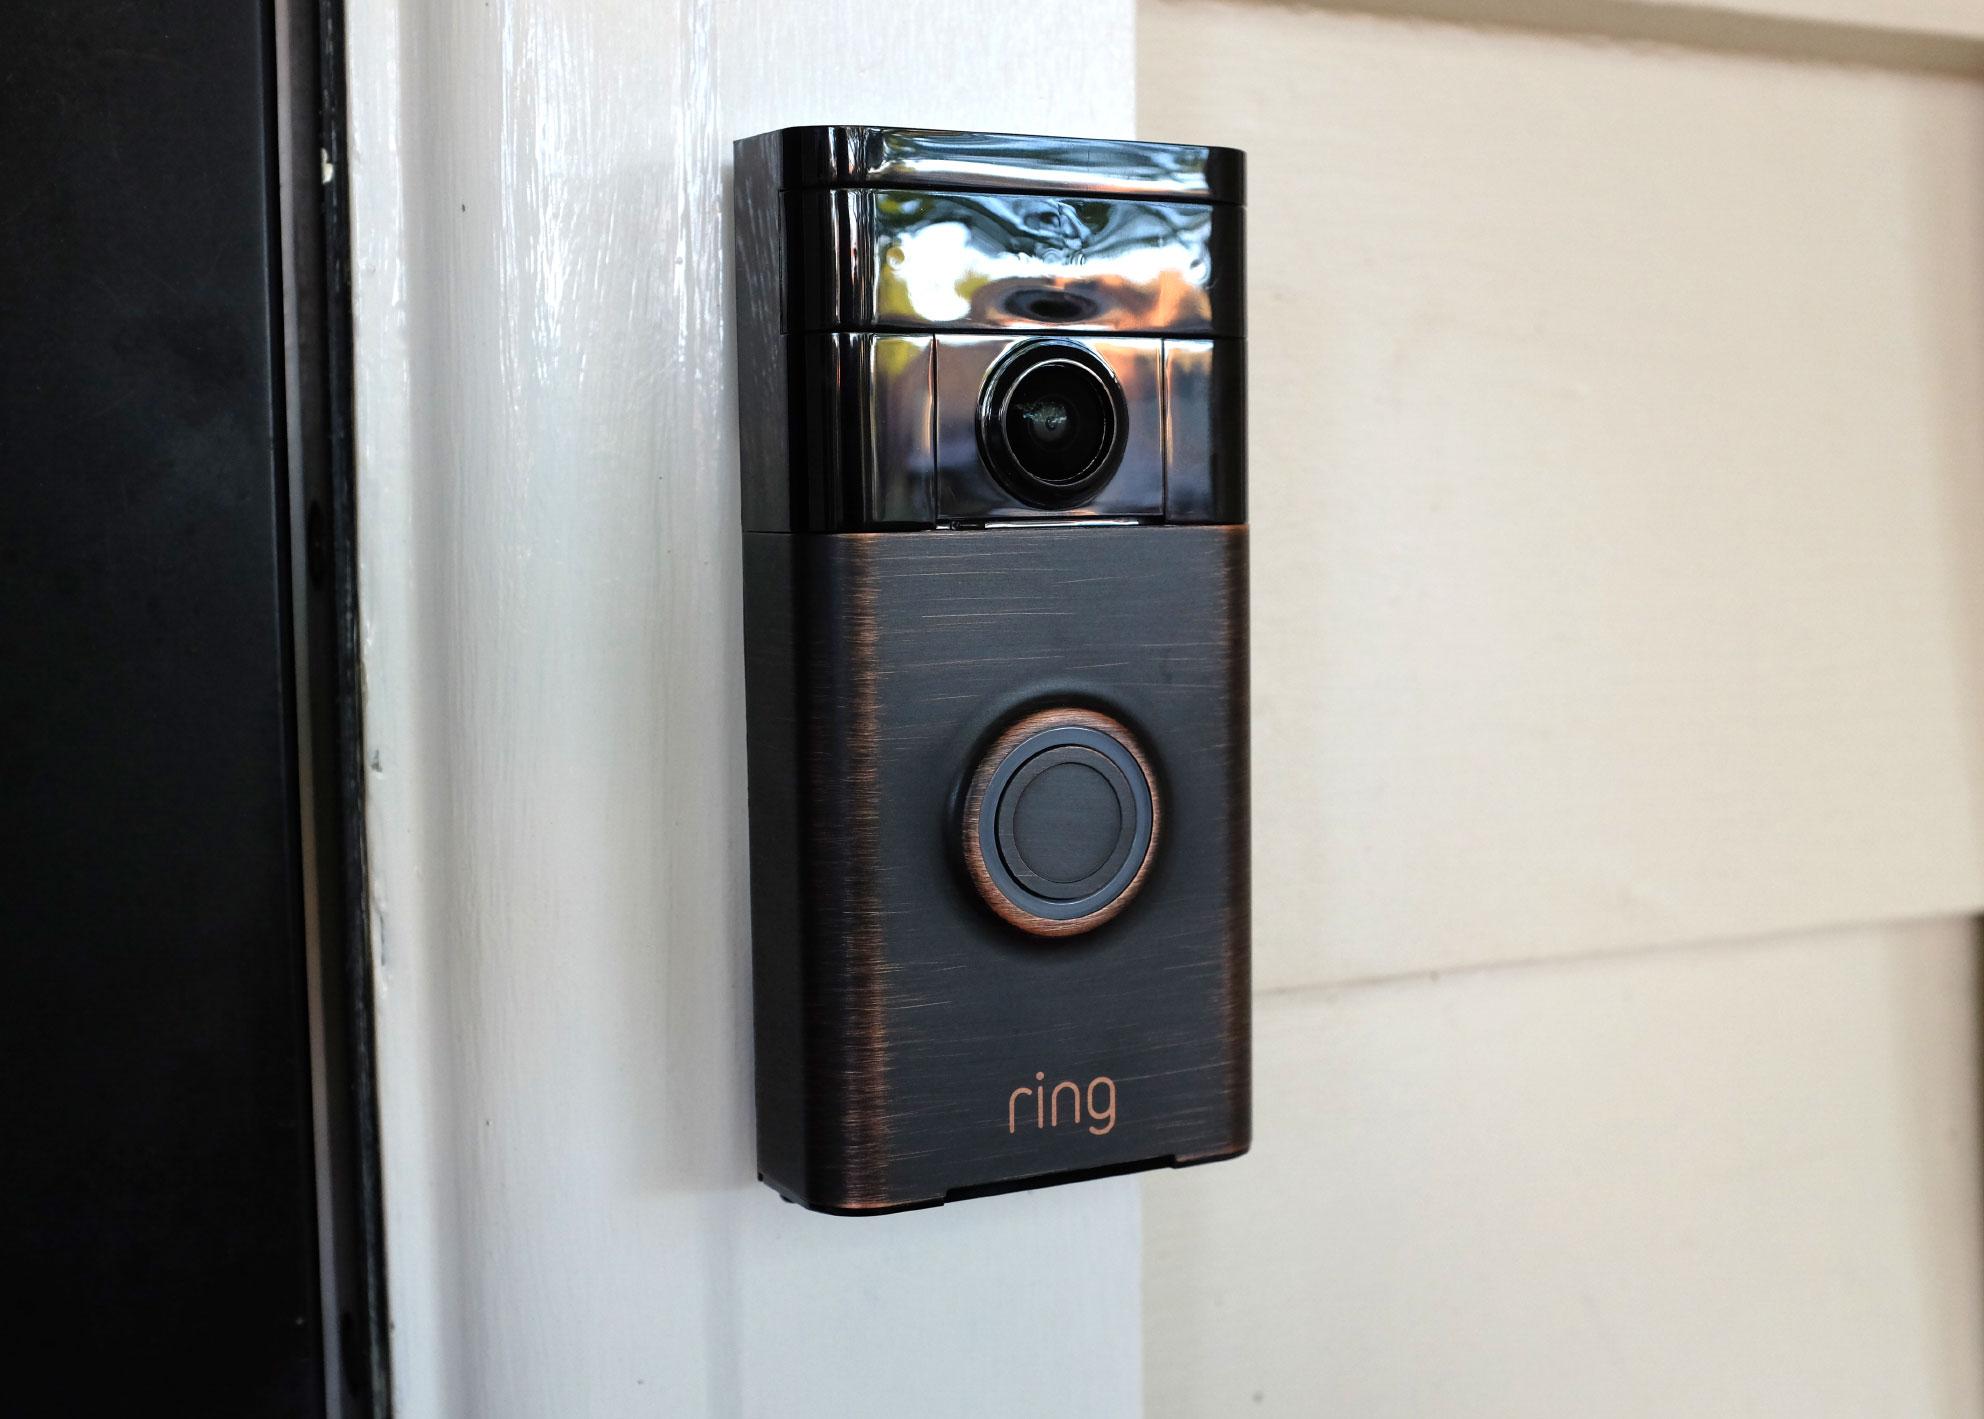 Gadget Review The Ring Doorbell Always Be Home Zinc Moon